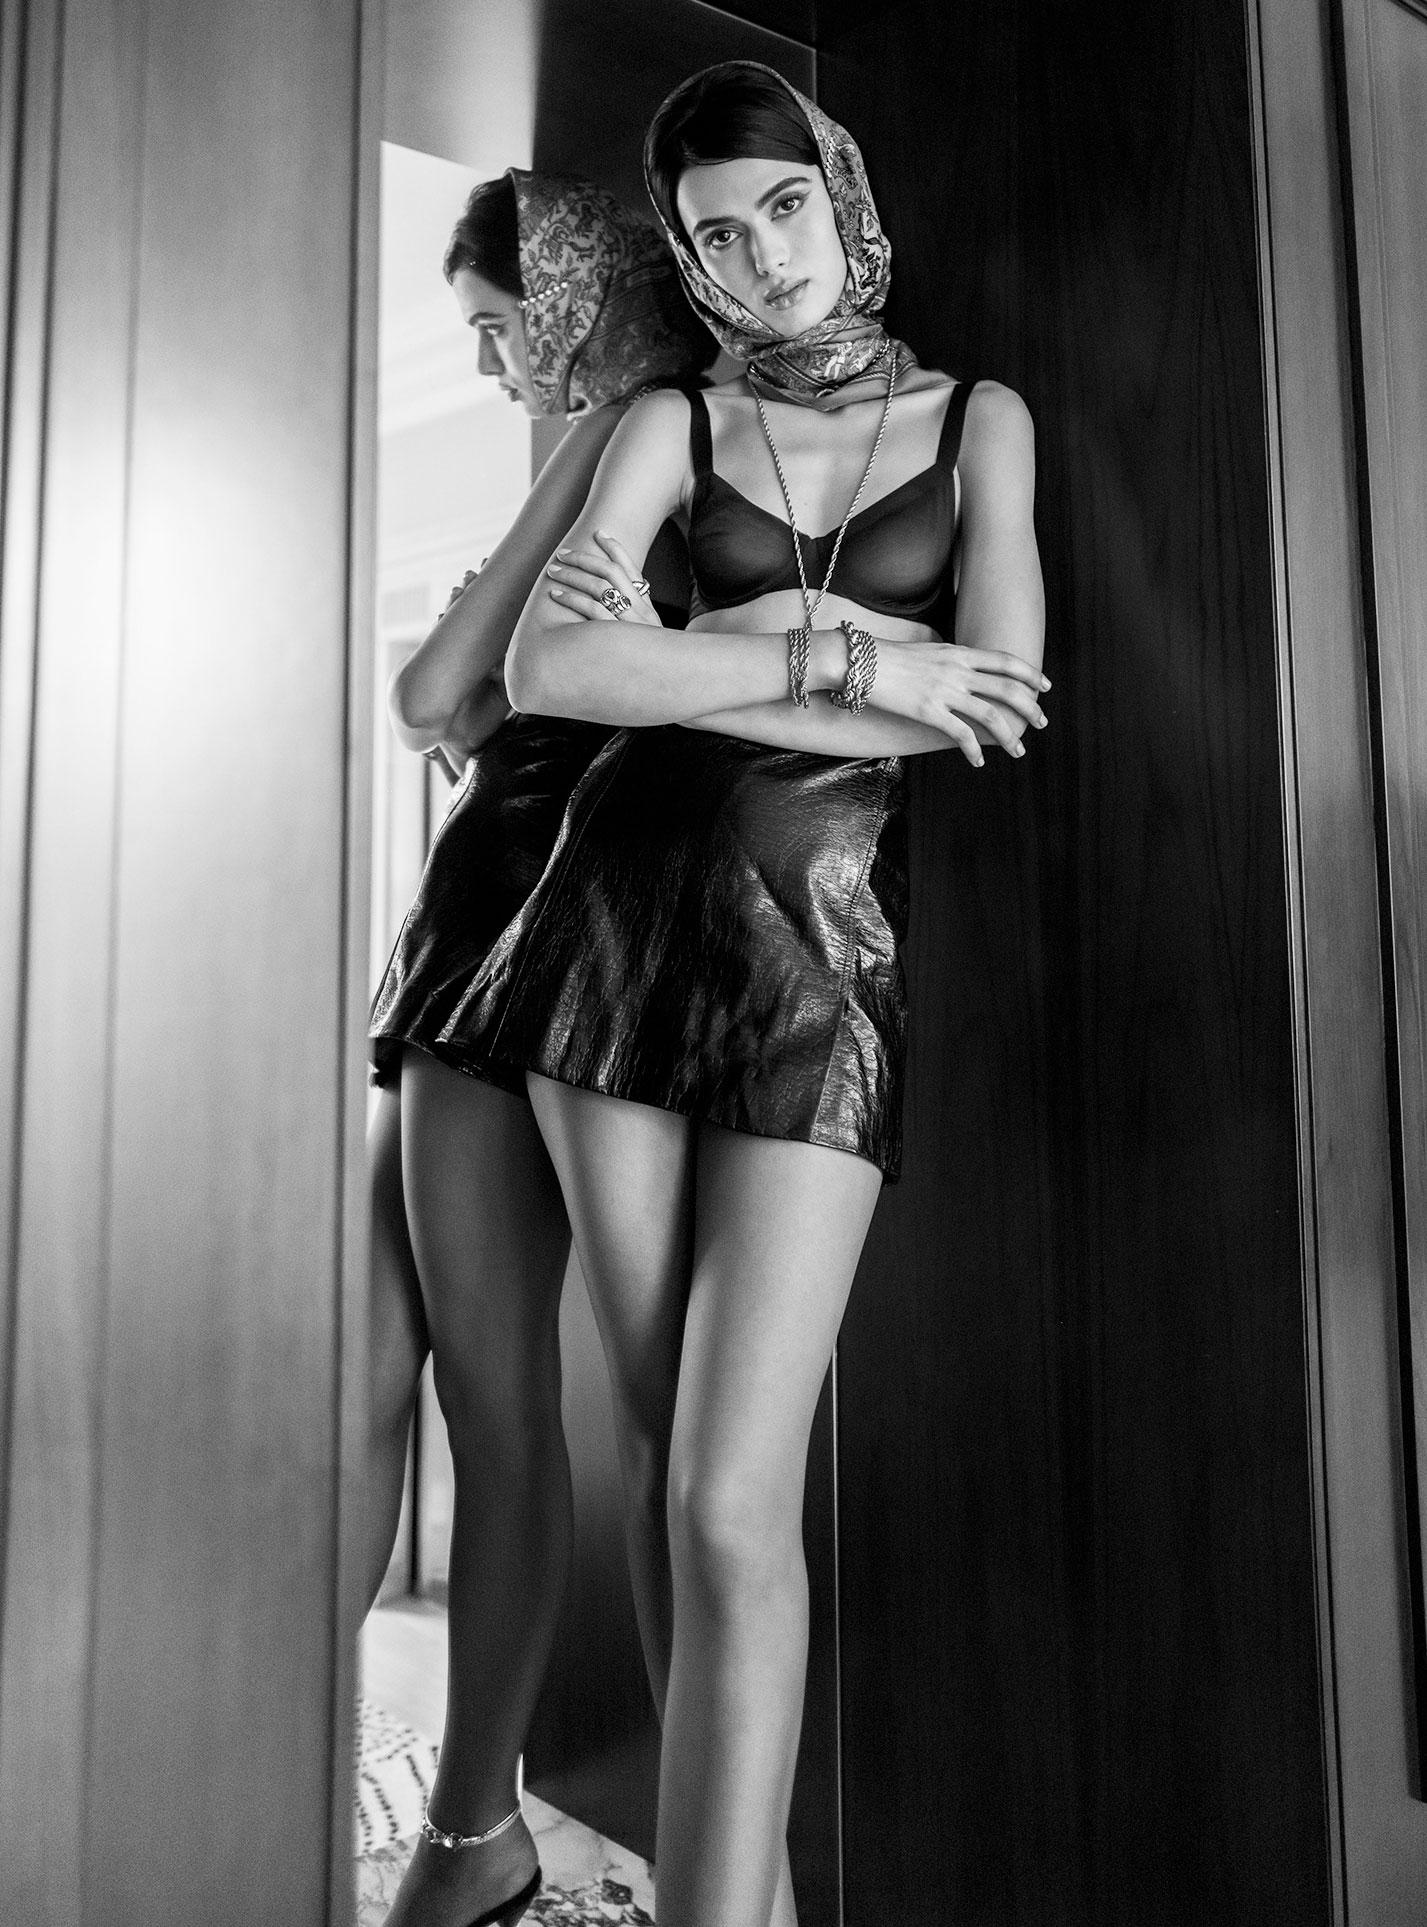 рекламная кампания парижского ювелирного бренда Bonanza / фото 16